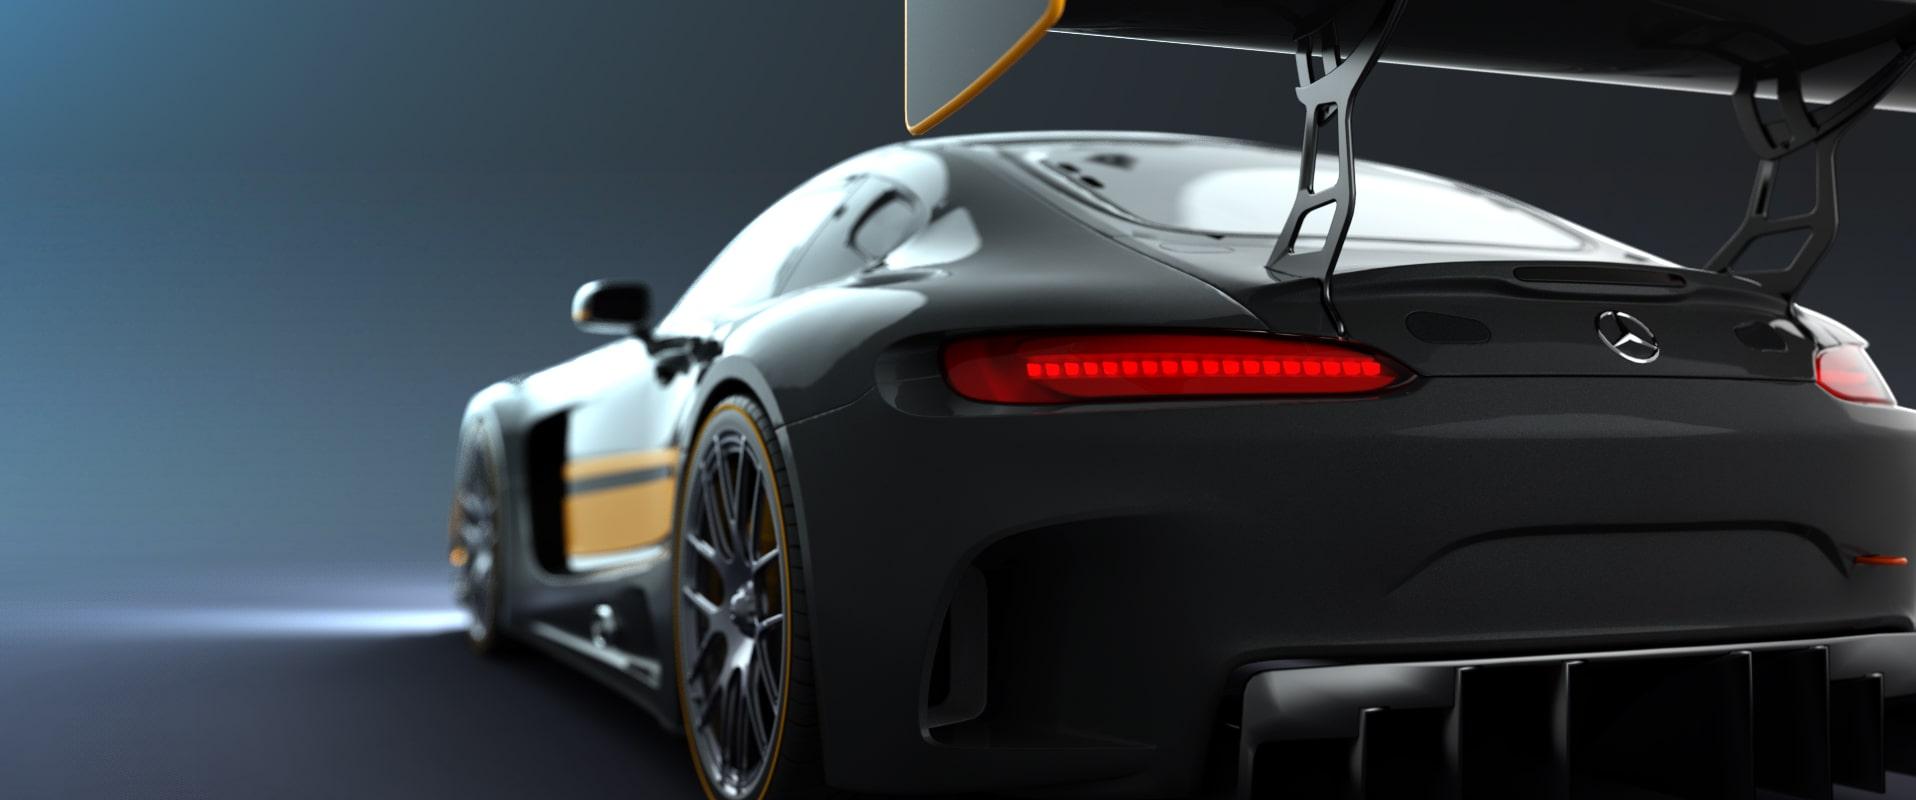 Black Car Rendering